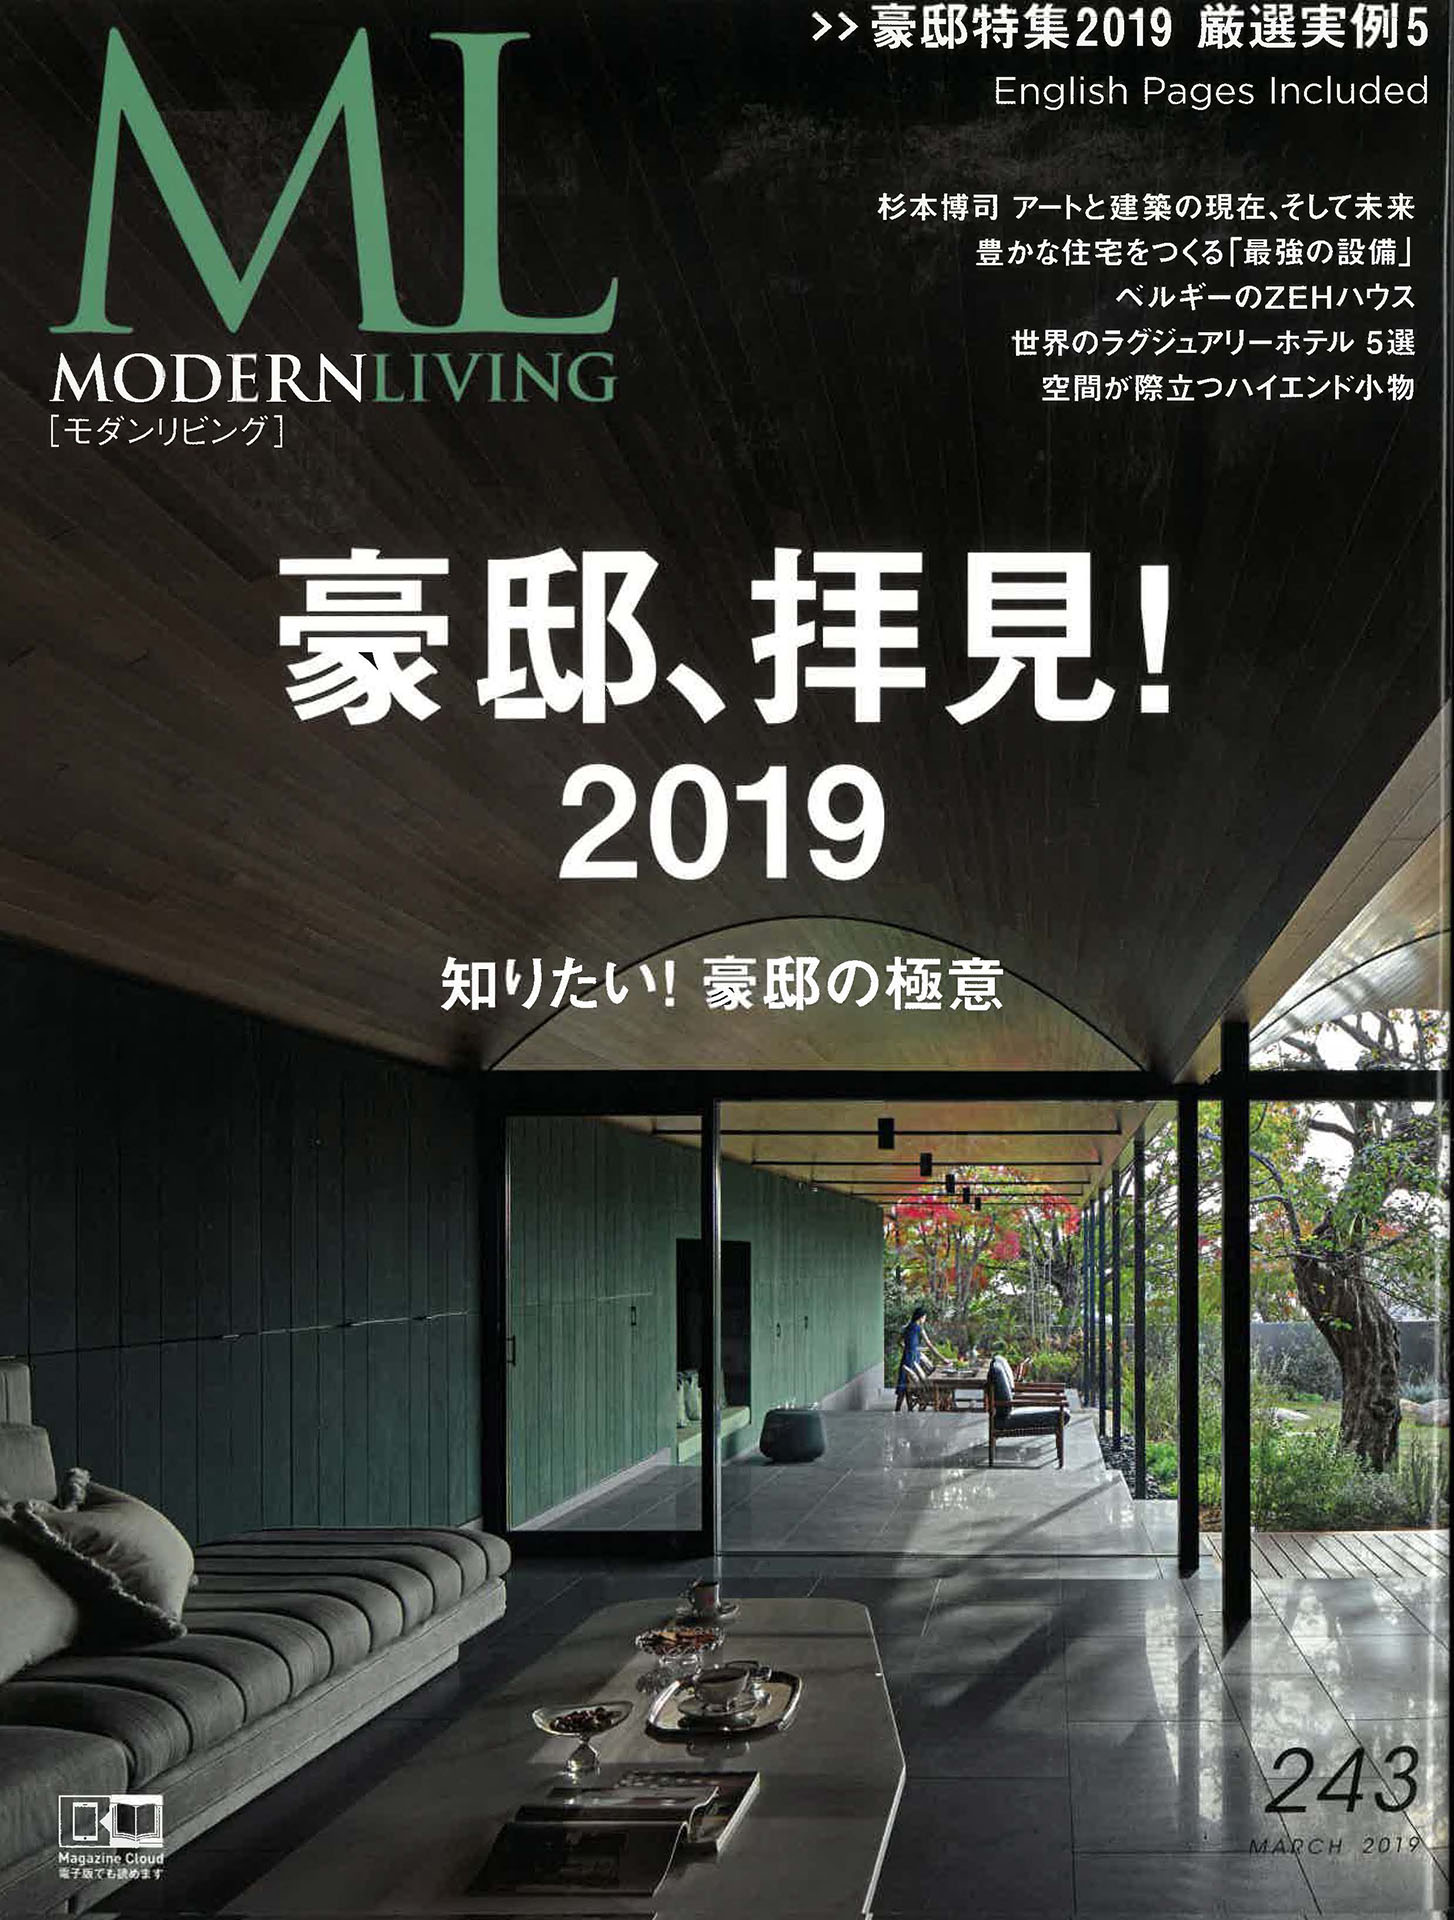 . MODERN LIVING JAPAN MARCH 2019   Baxter